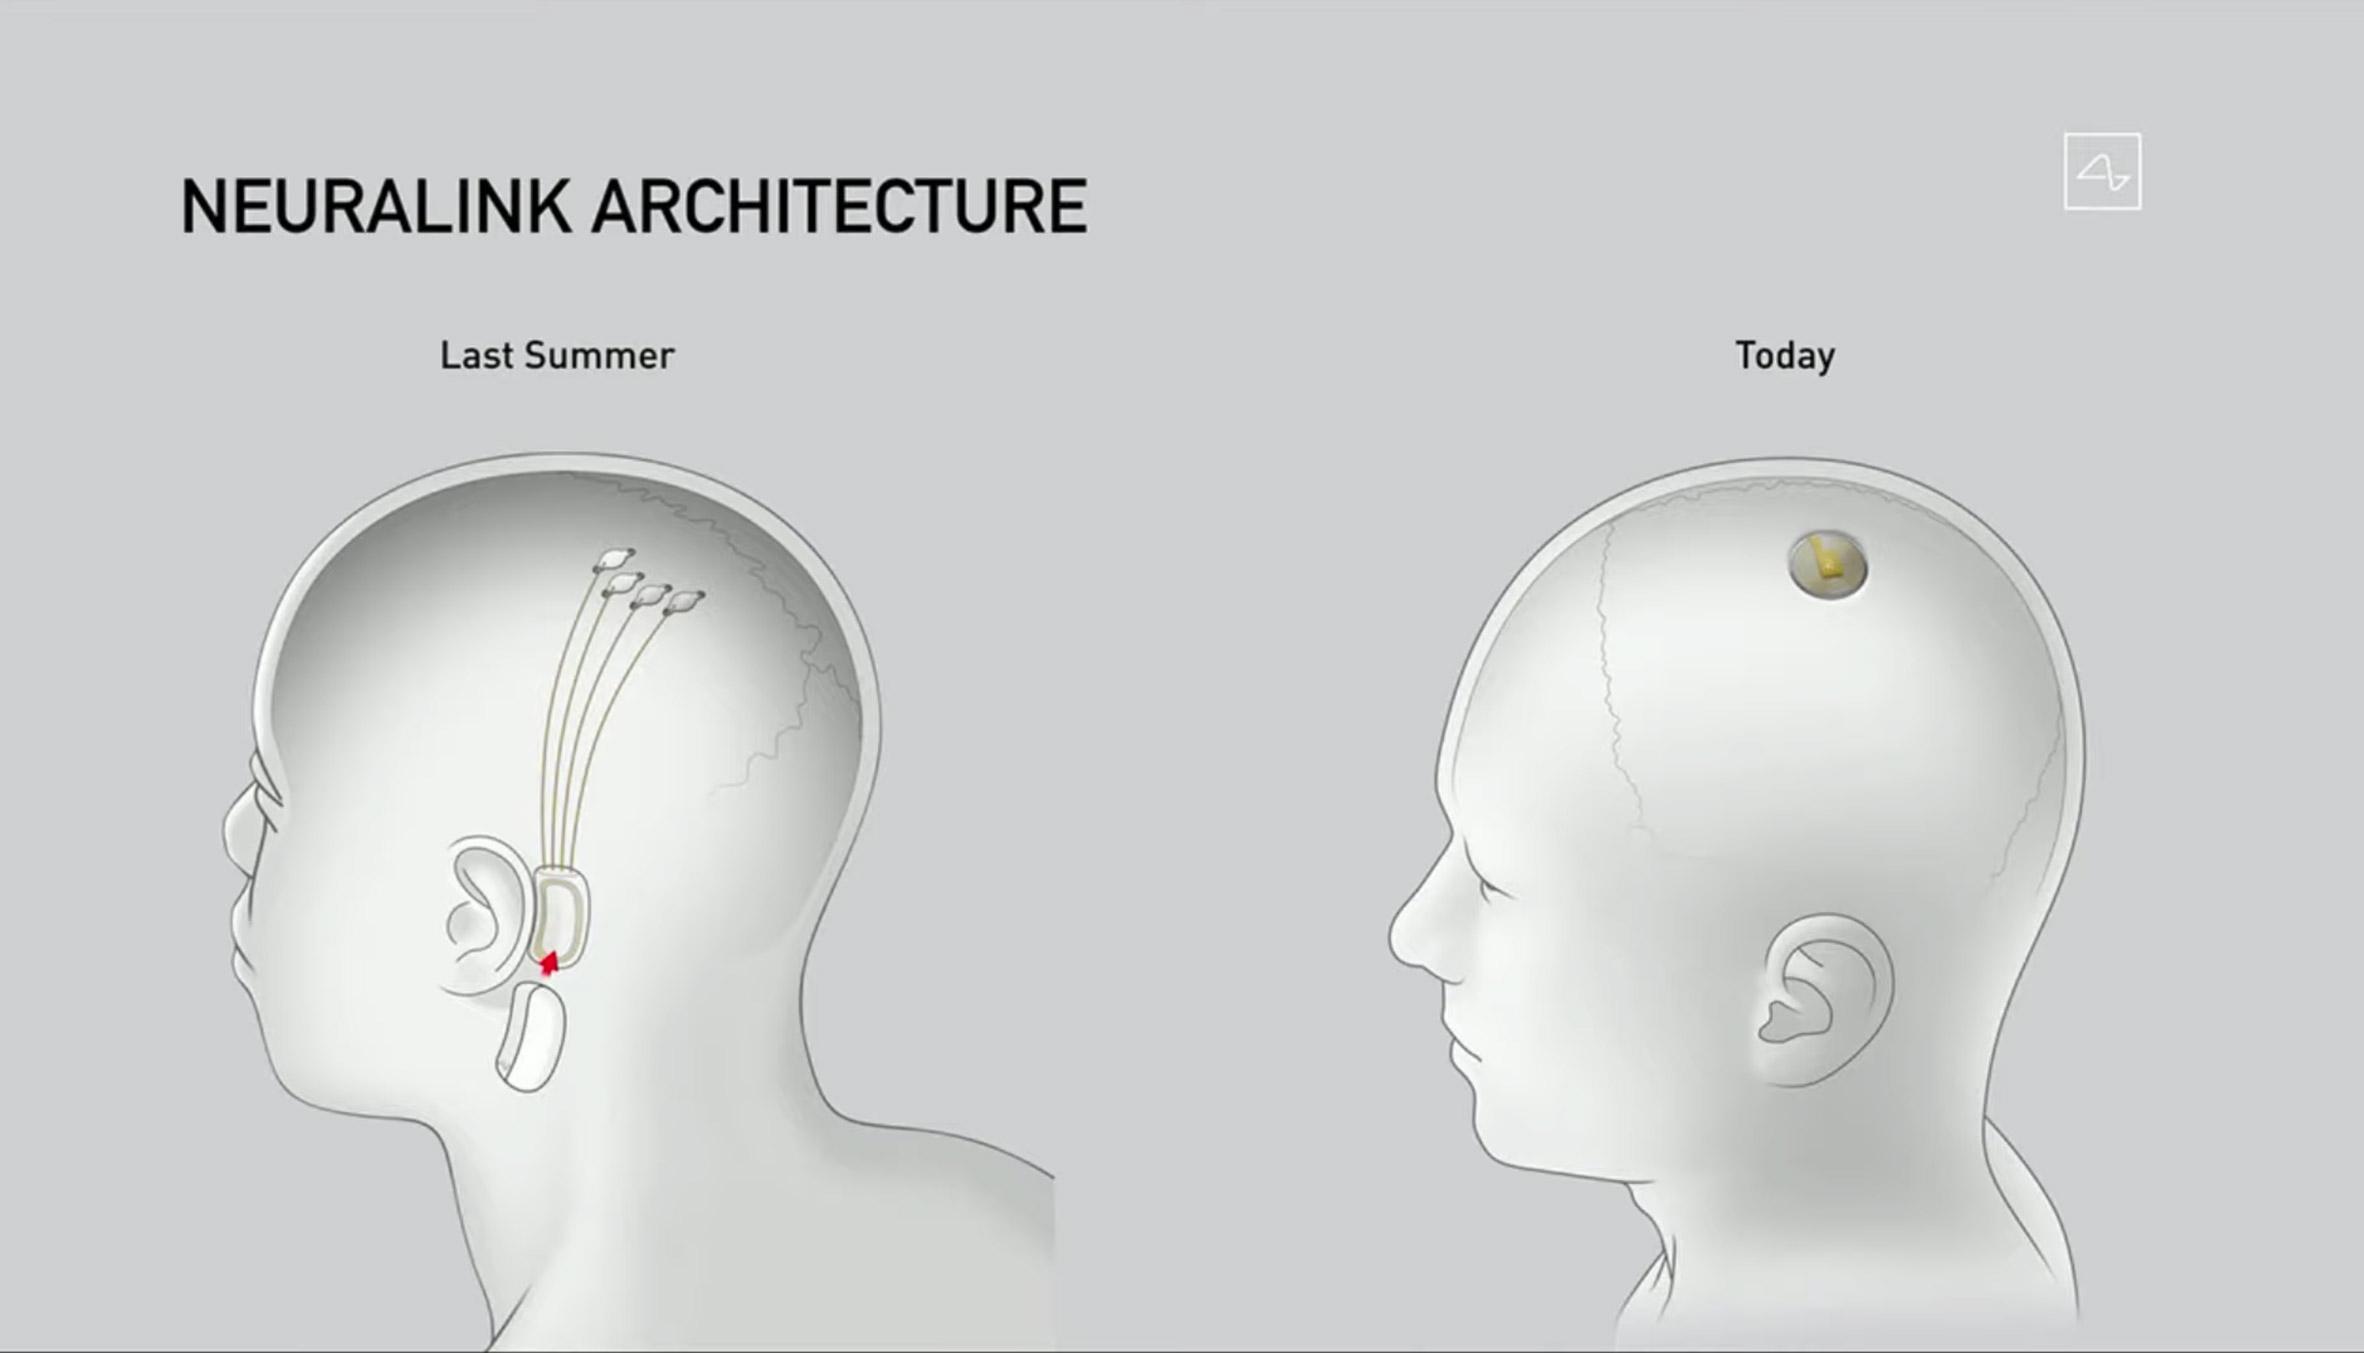 """Neuralynx был упрощен от устройства за ухом до устройства на верхней части черепа. Маск пояснил, что за последний год компания """"кардинально упростила"""" носимое устройство. Предыдущая конструкция состояла из бобовидного устройства, которое располагалось за ухом.""""Это было сложно, и вы все равно не выглядели бы совершенно нормально; у вас была бы вещь за ухом"""", - сказал он о старом дизайне. - Итак, мы упростили это до чего-то размером с большую монету, и это входит в ваш череп.""""Устройство в мозге может позволить людям с неврологическими расстройствами управлять технологиями, такими как телефоны или компьютеры, своими мыслями. Маск также утверждает, что способен решать неврологические расстройства от потери памяти, слуха и слепоты до паралича, депрессии и повреждения мозга."""